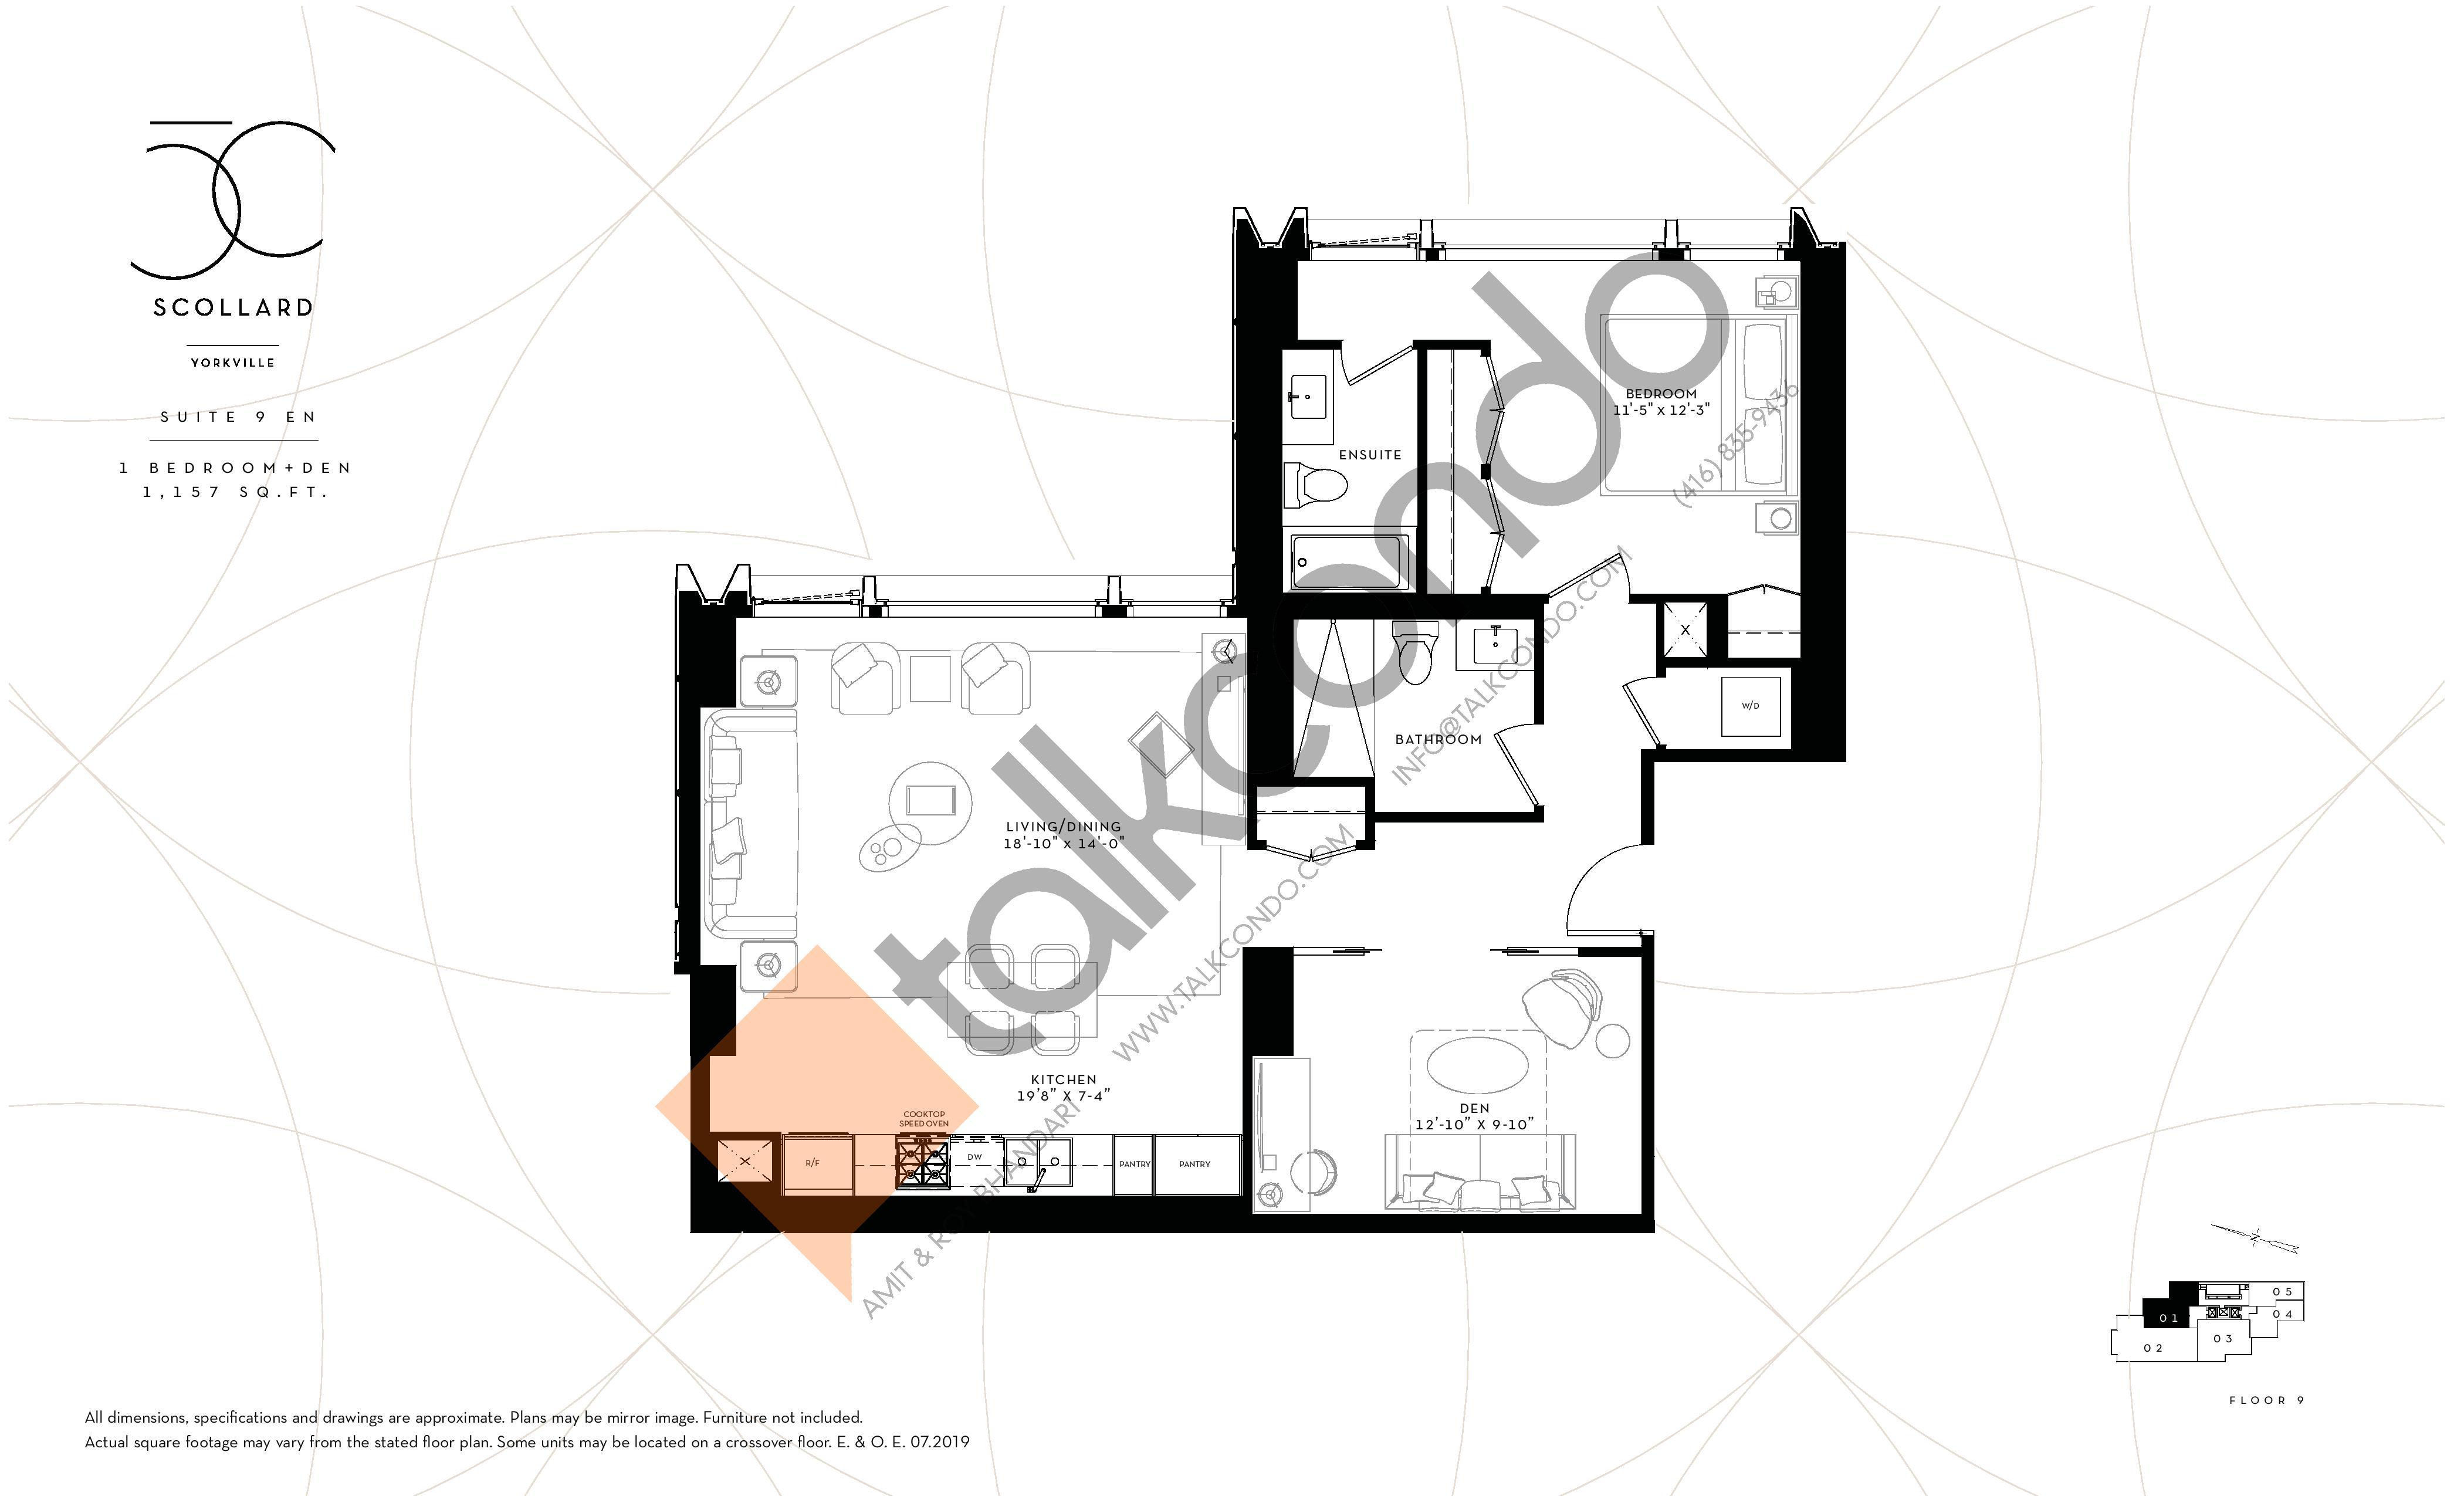 Suite 9 EN Floor Plan at Fifty Scollard Condos - 1157 sq.ft